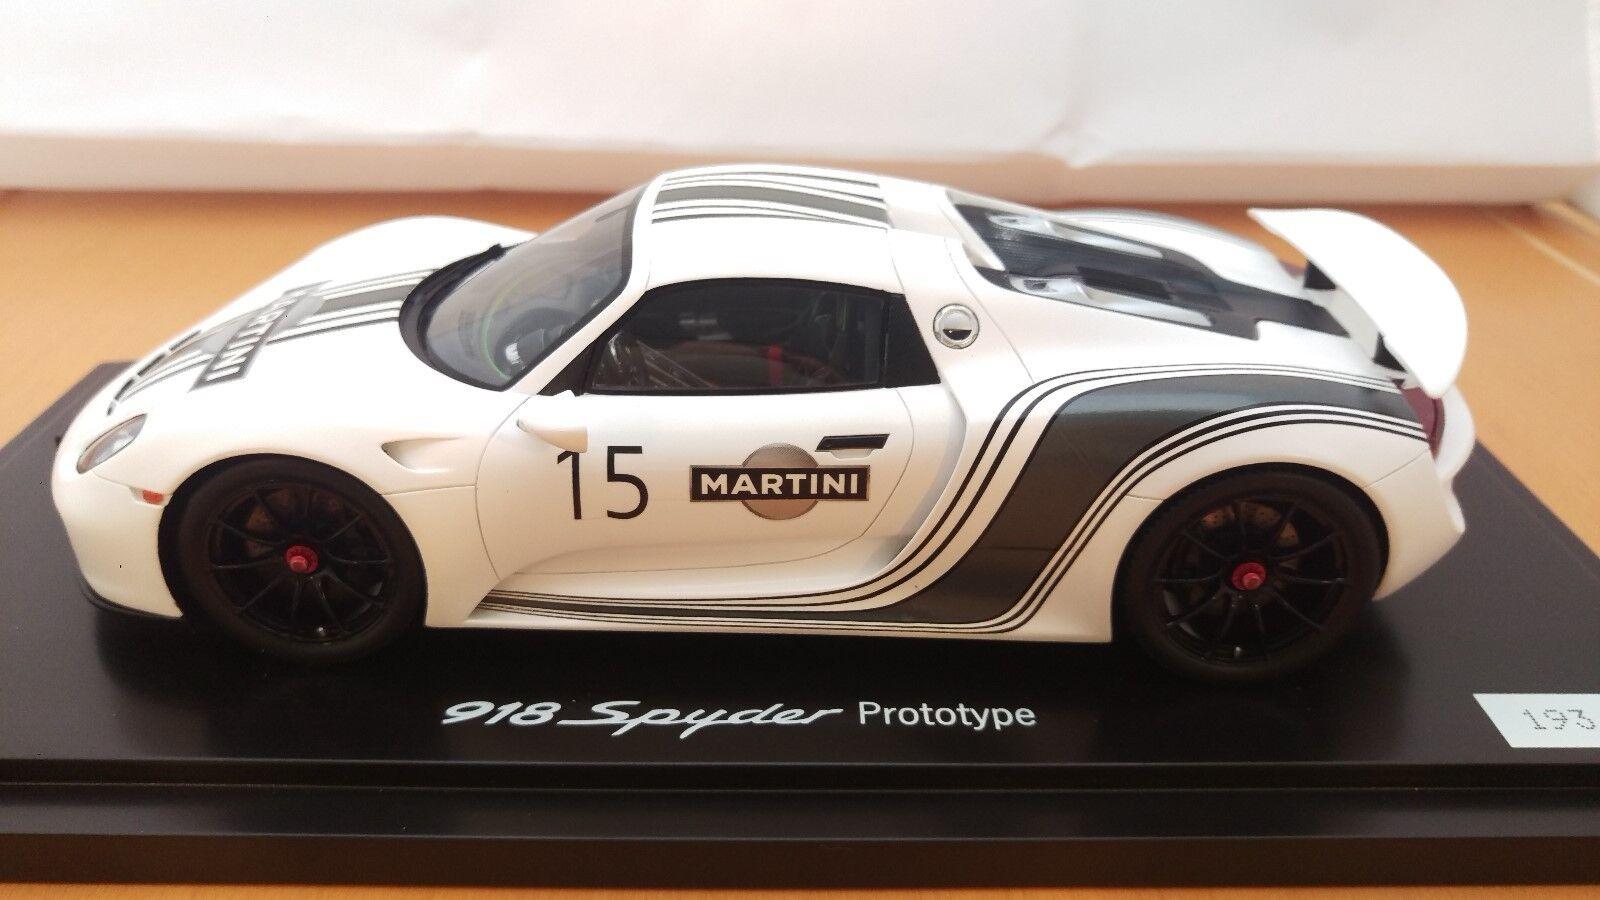 Porsche 918 Spyder 2010 - Projootype - WAP0210220E - Porsche Dealer Edition